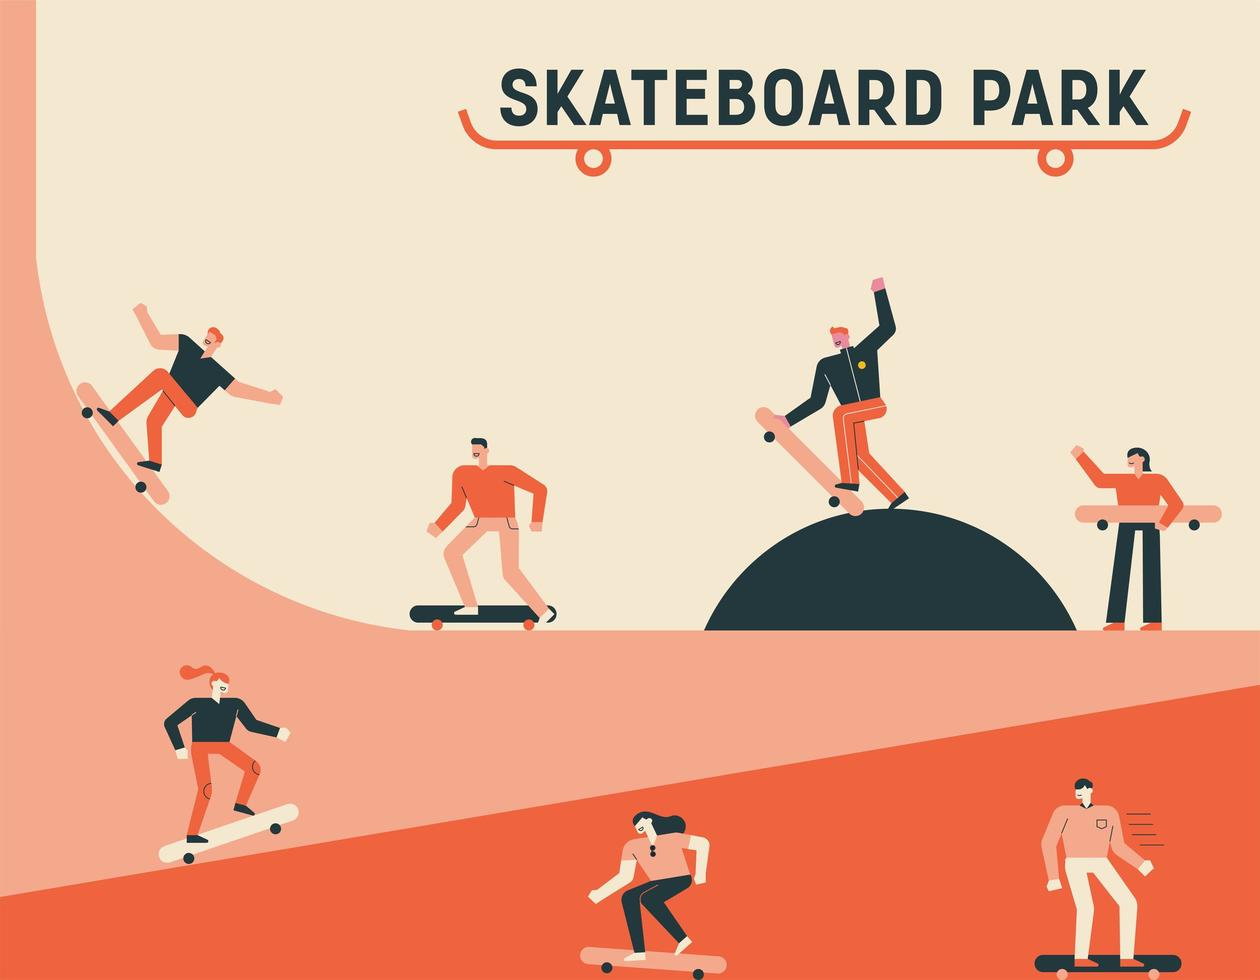 skateboard park affisch vektor